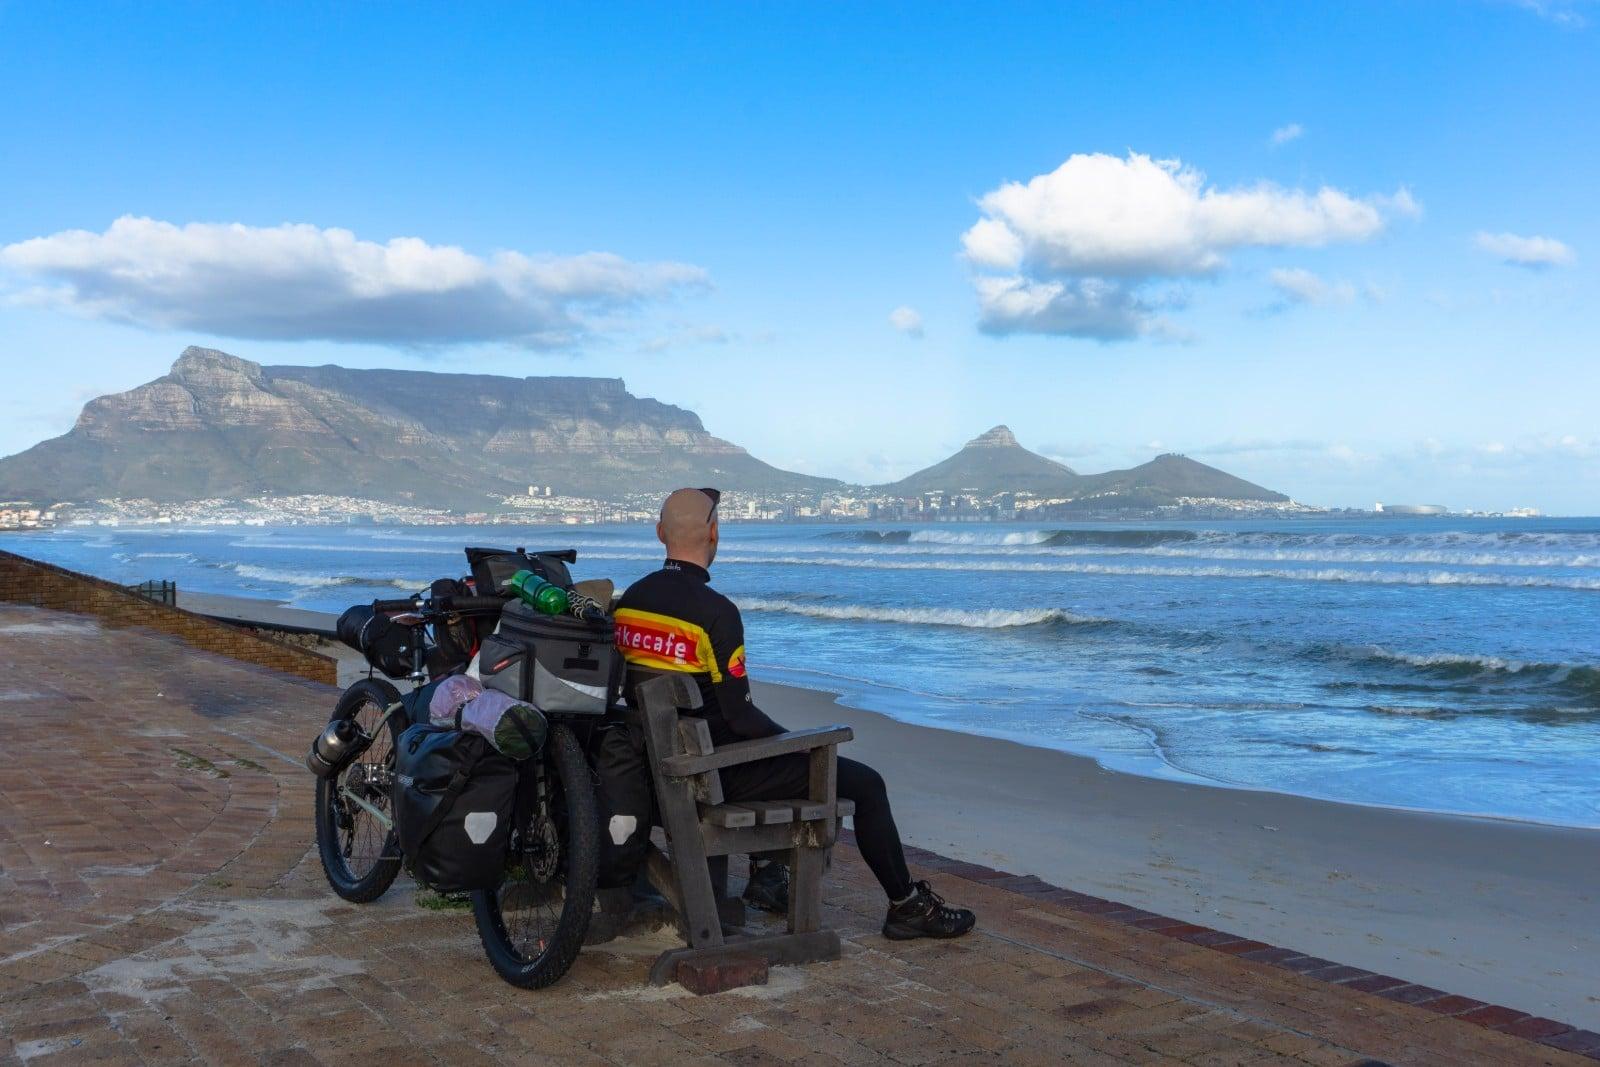 Consigli per viaggiare in bici